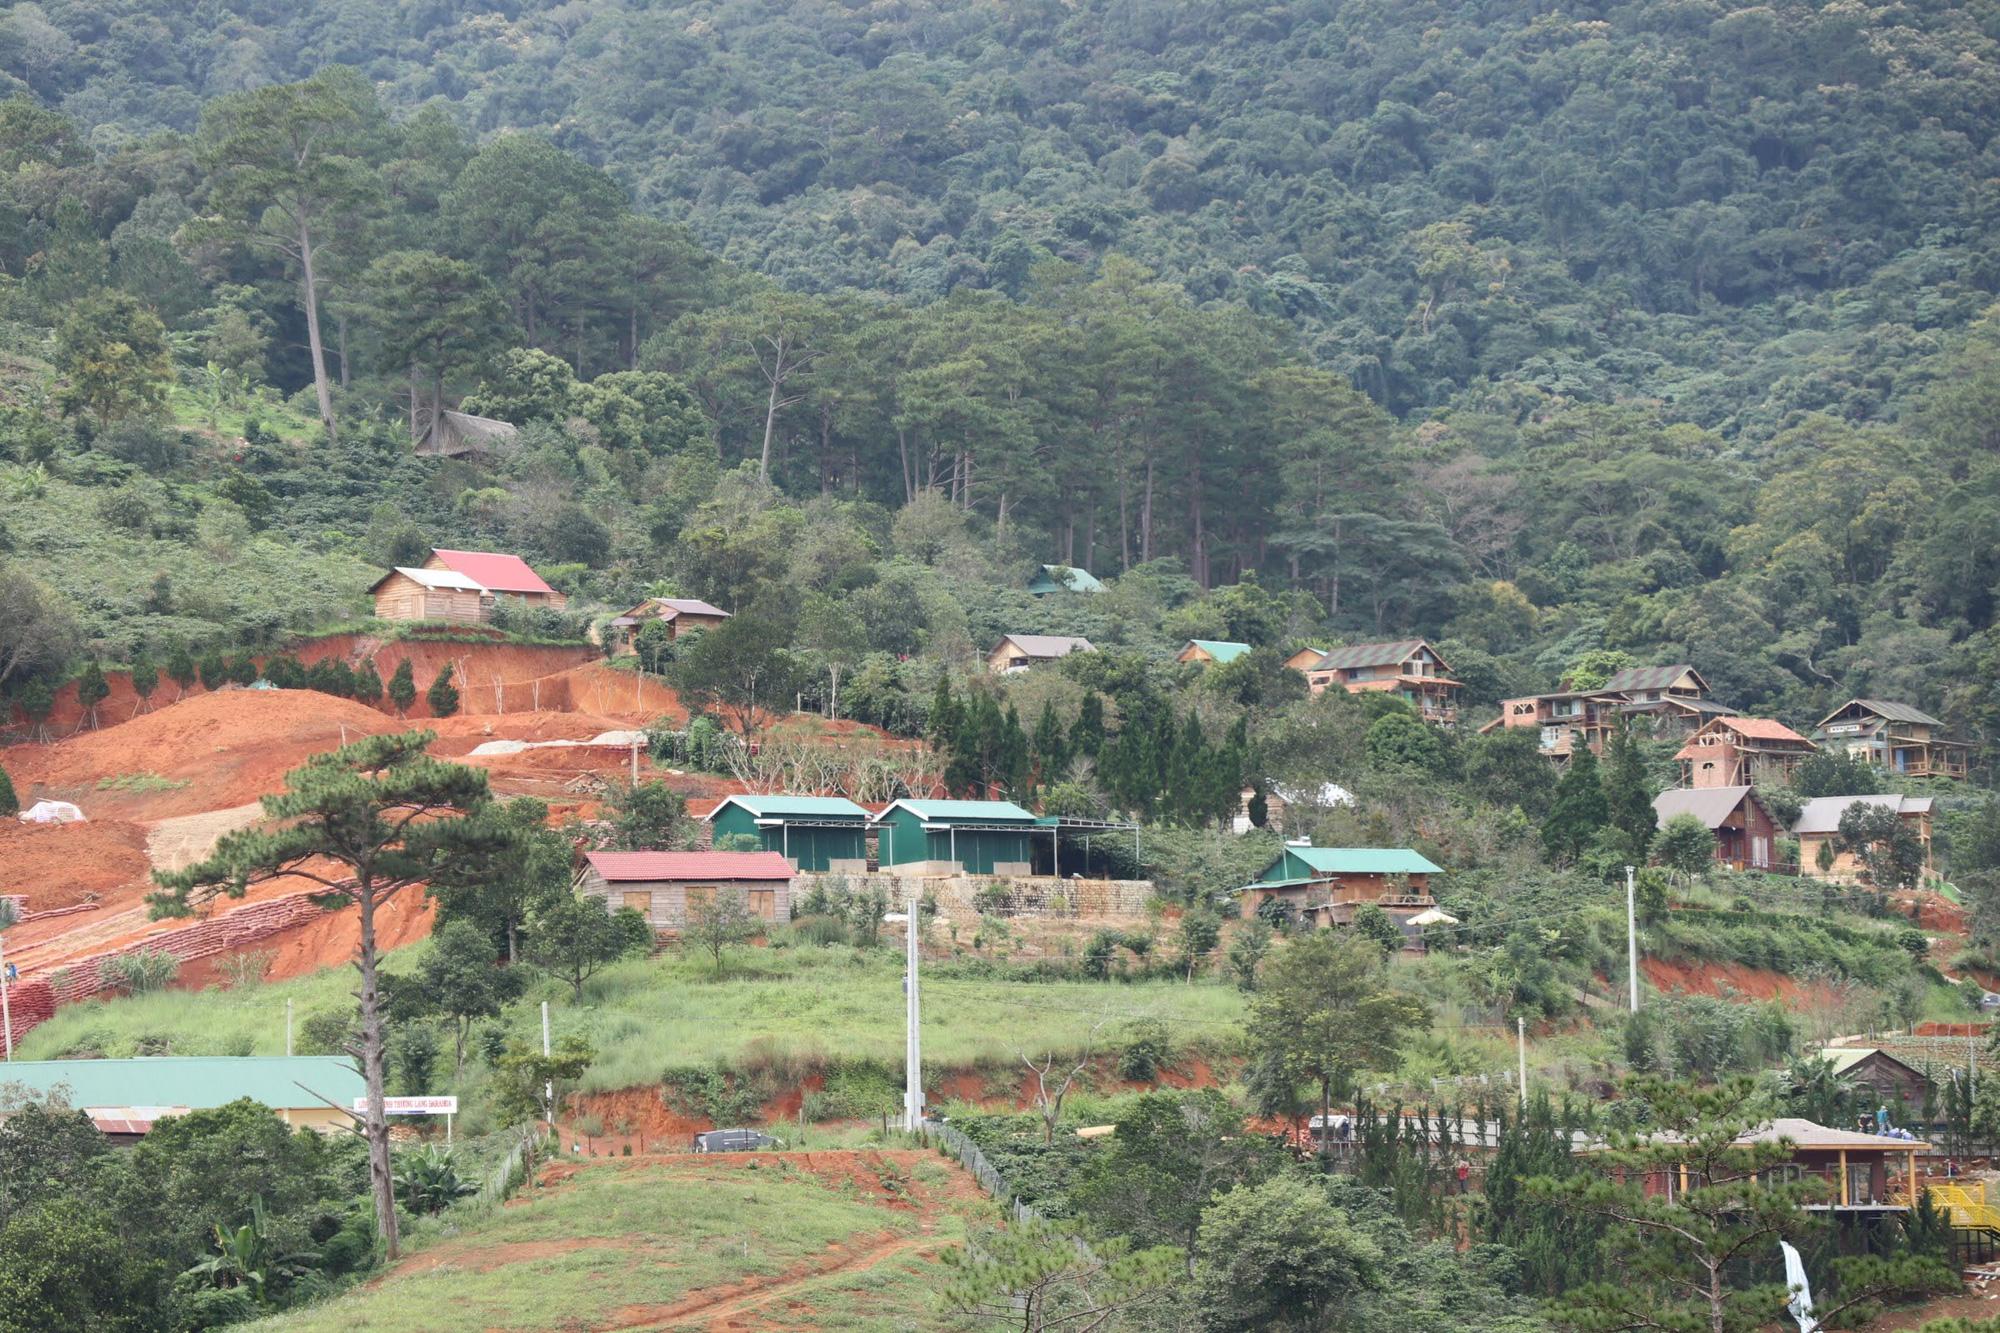 Vụ 54 căn nhà trái phép dưới chân núi Voi: Làm rõ trách nhiệm của các cá nhân, tổ chức - Ảnh 1.